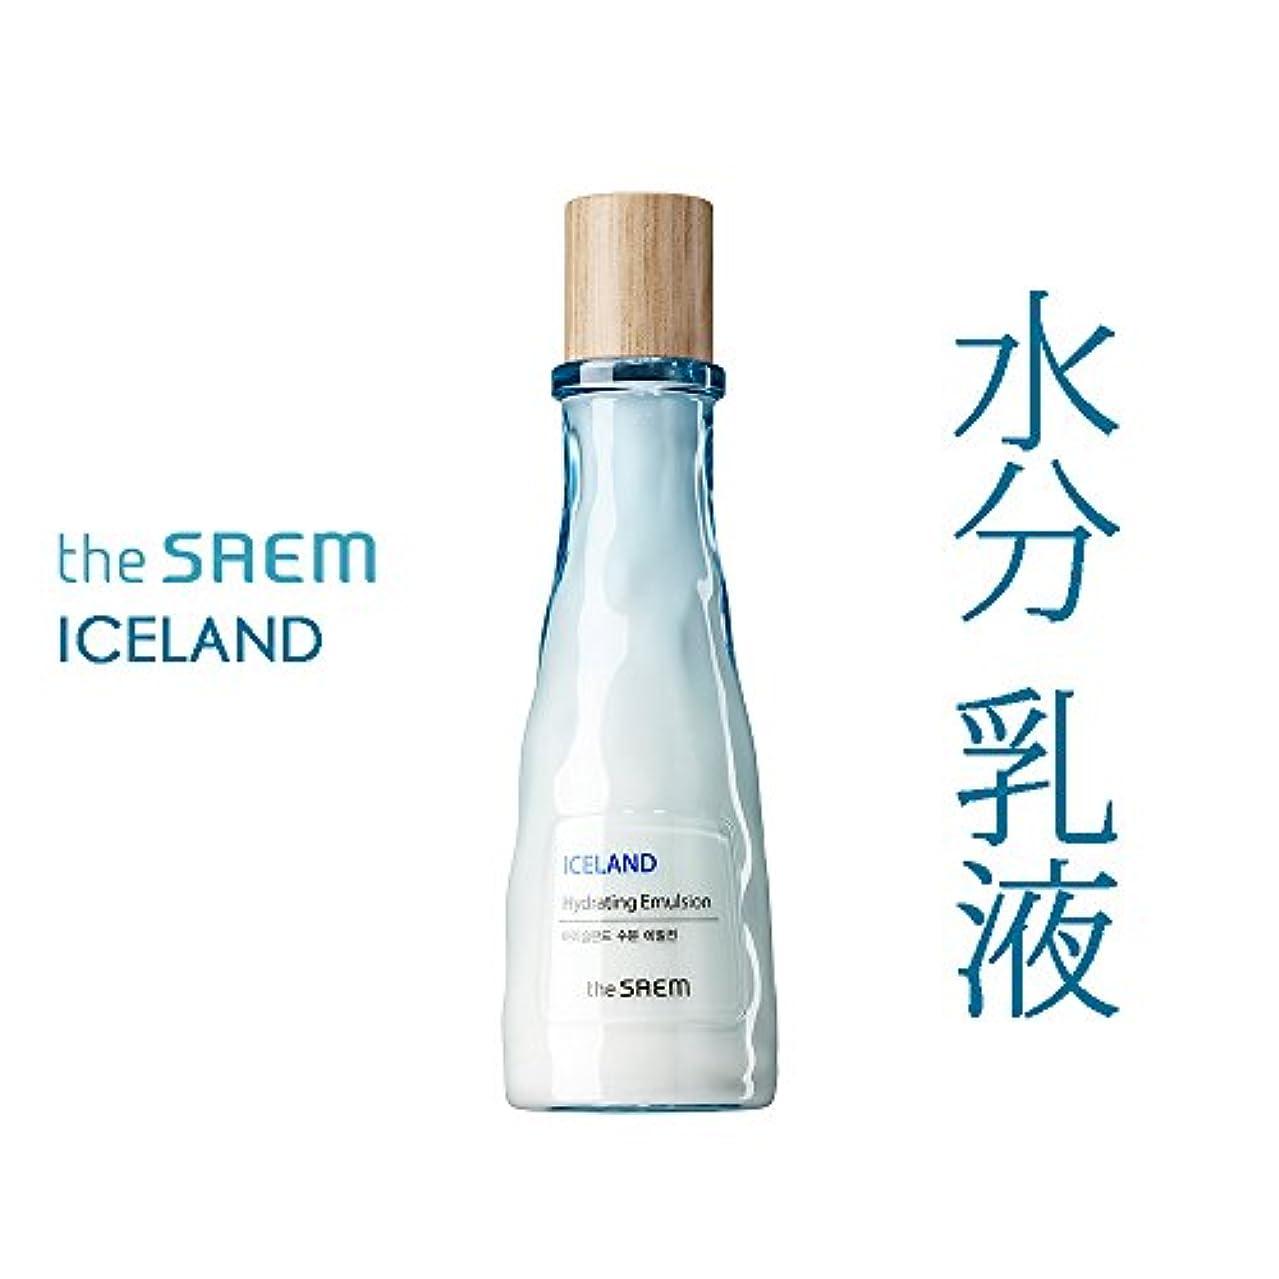 会議サバント葉巻ザ セム The saem アイスランド 水分 乳液 The Saem Iceland Hydrating E mulsion 140ml